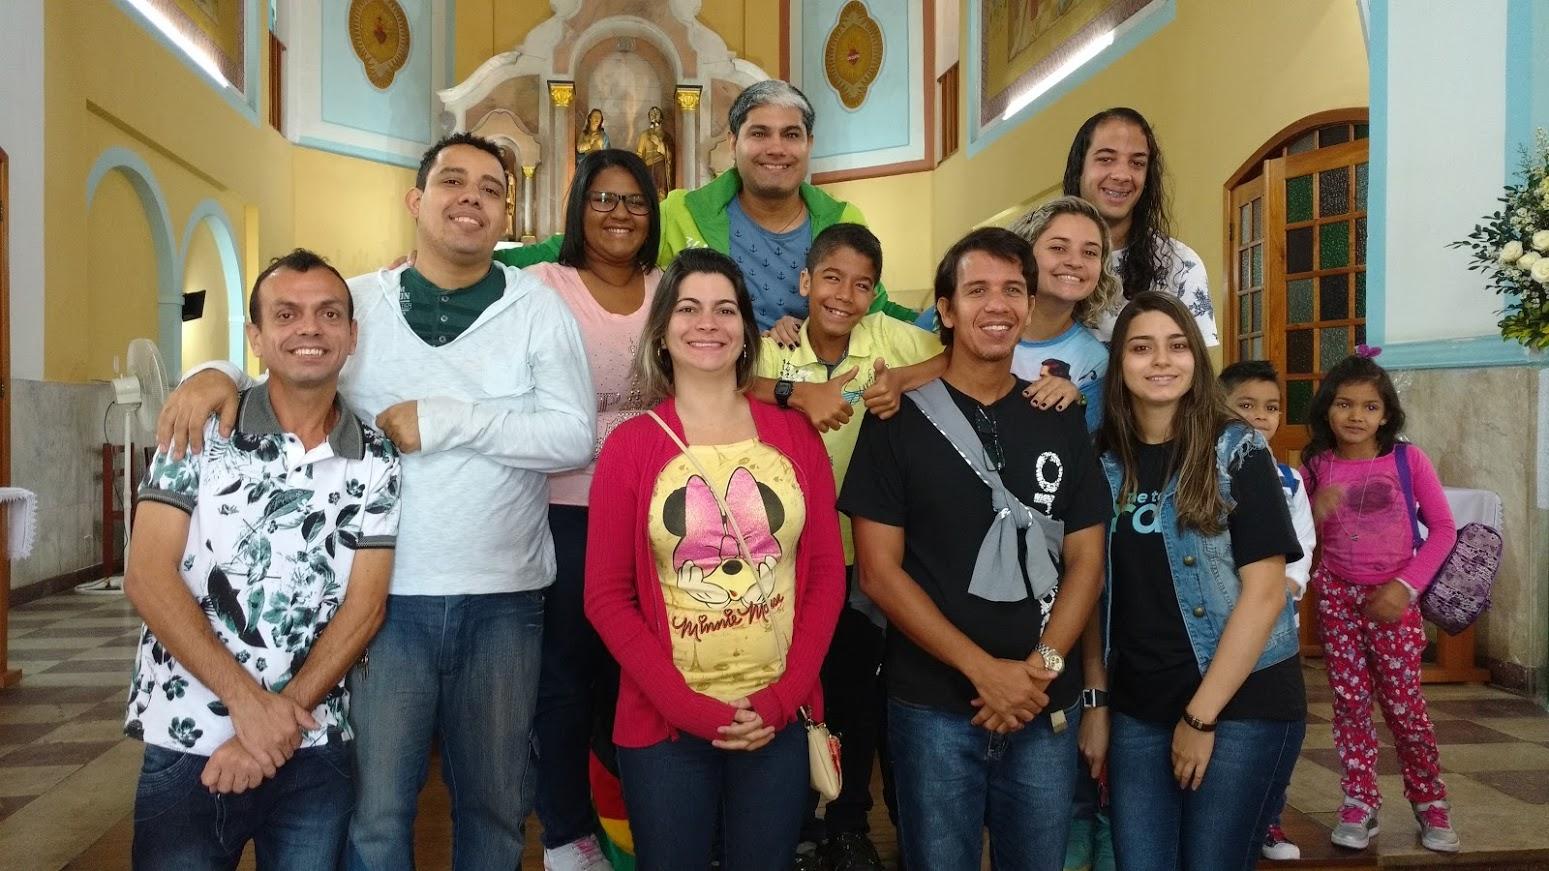 Grupo jovem Surdo (10 surdos) de diversas paróquias da Arquidiocese do Rio